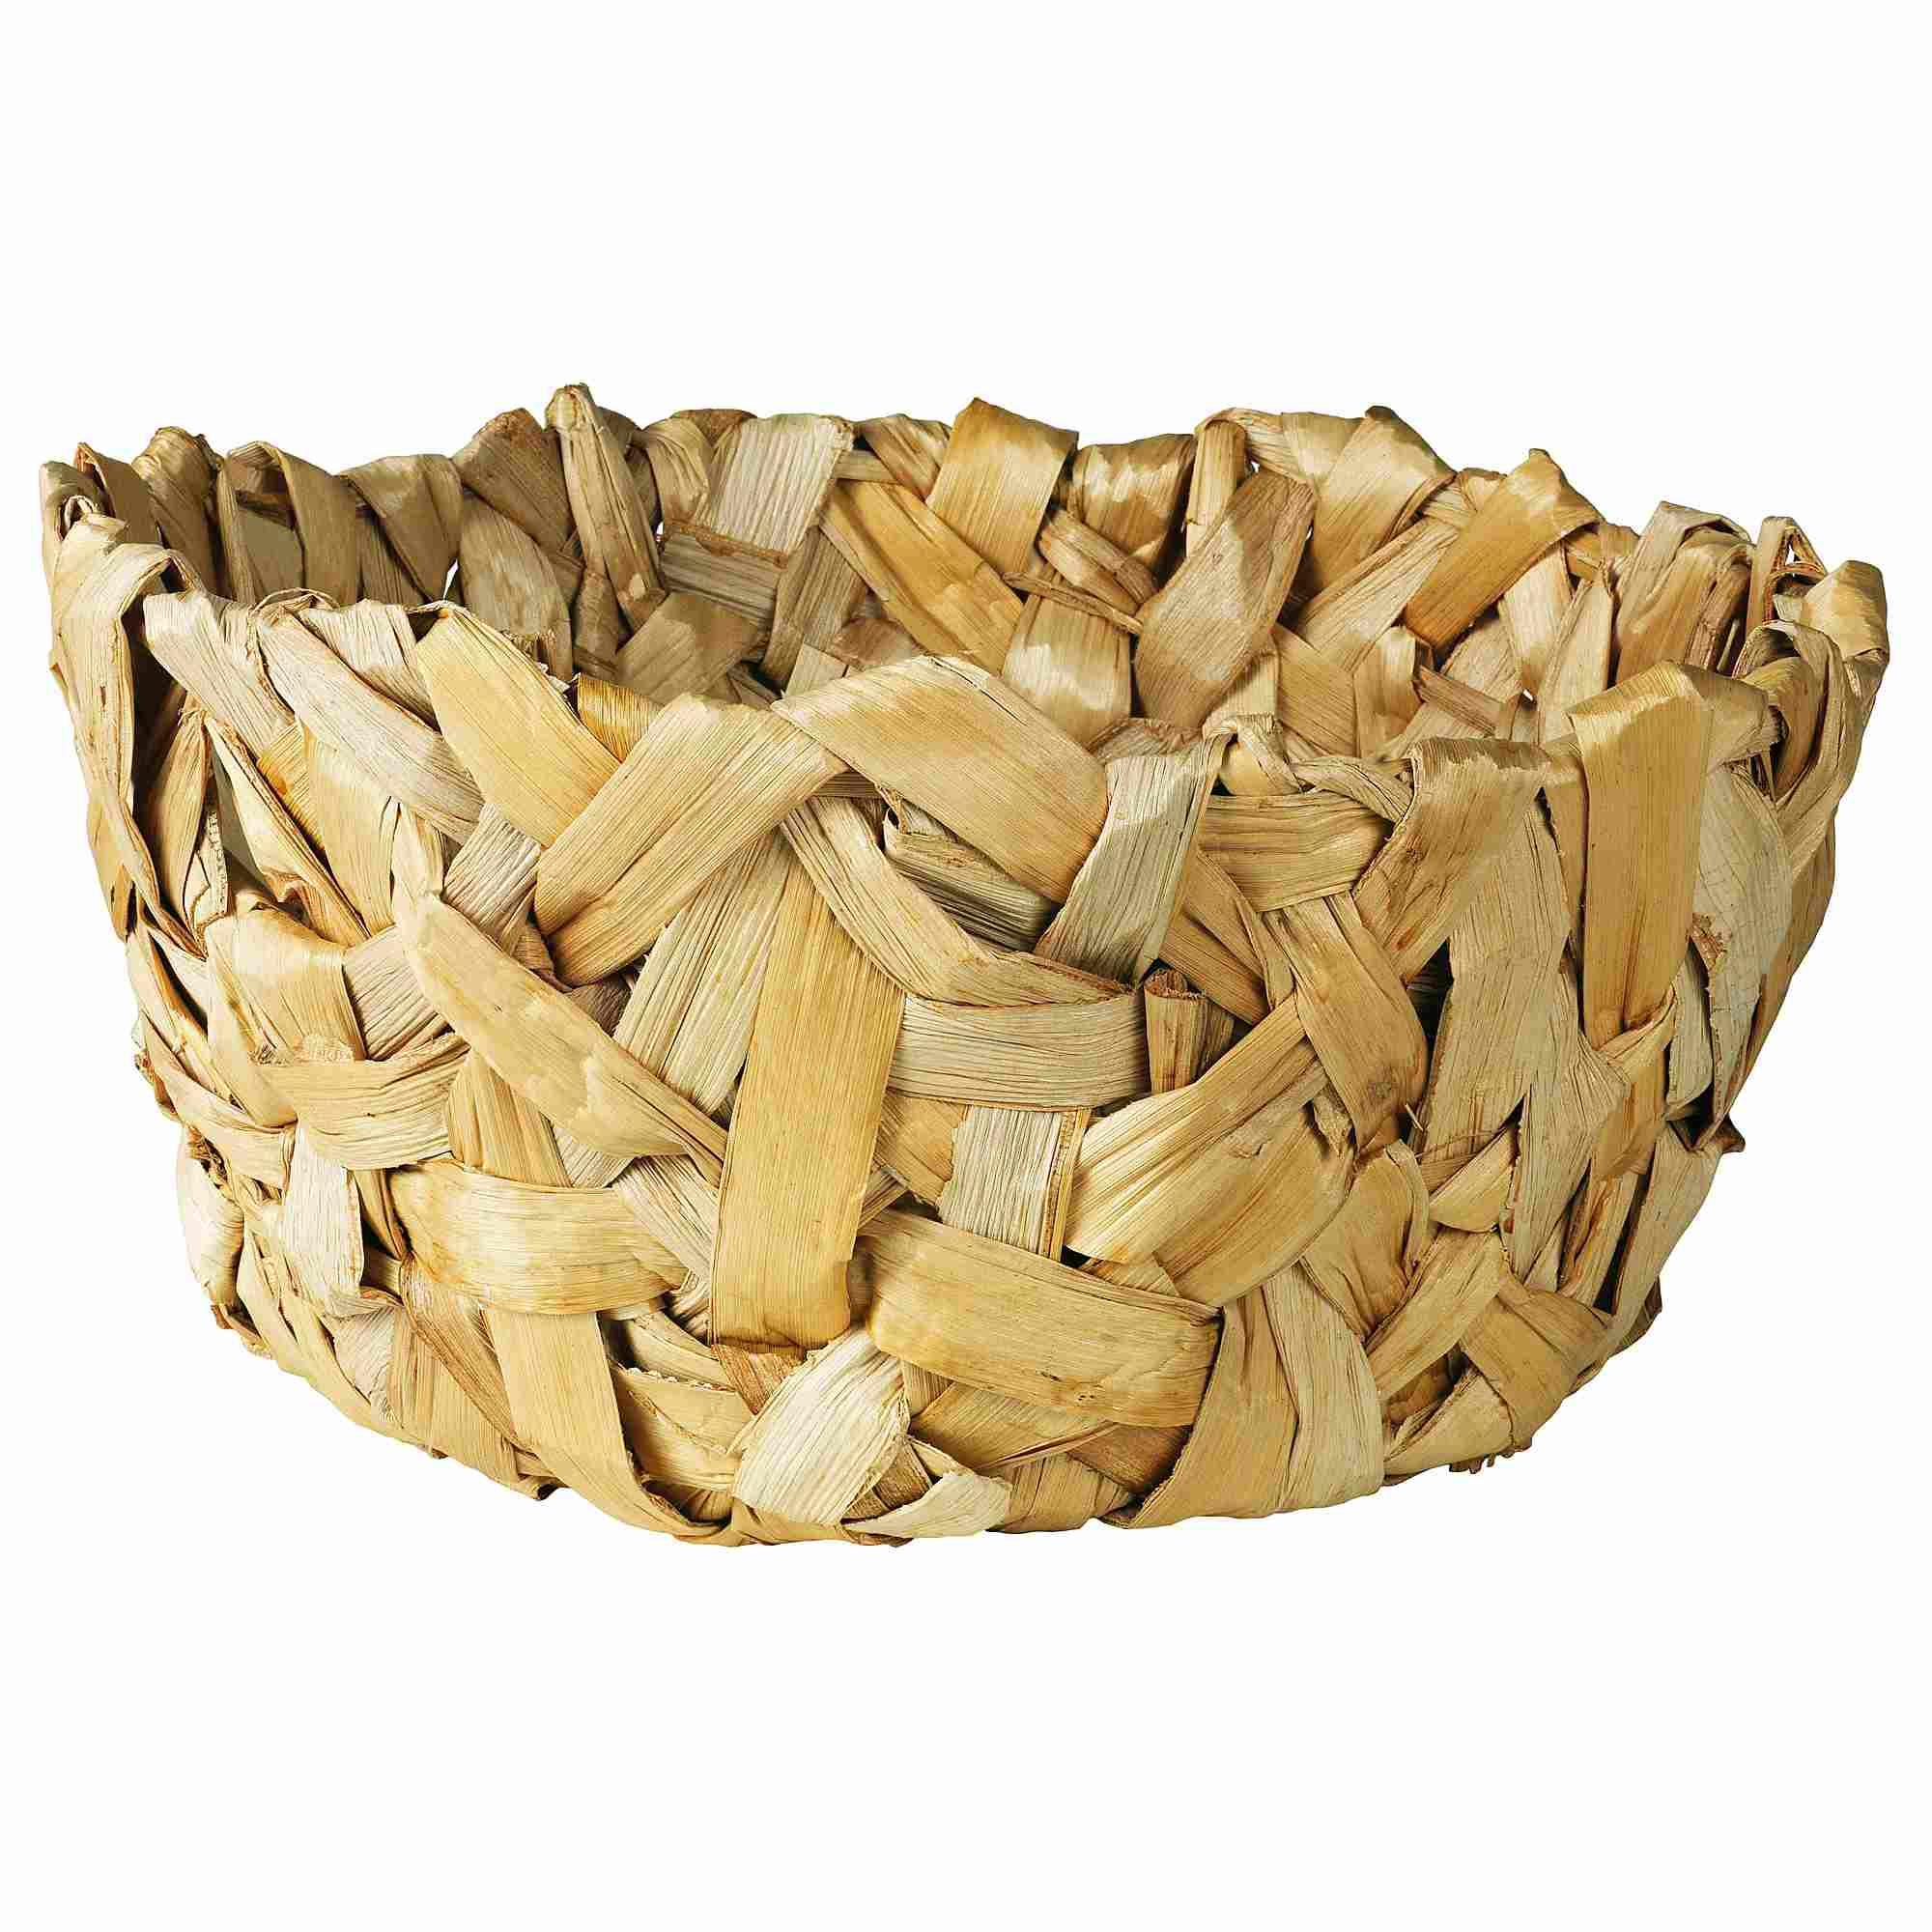 ANNANSTANS Handmade Basket